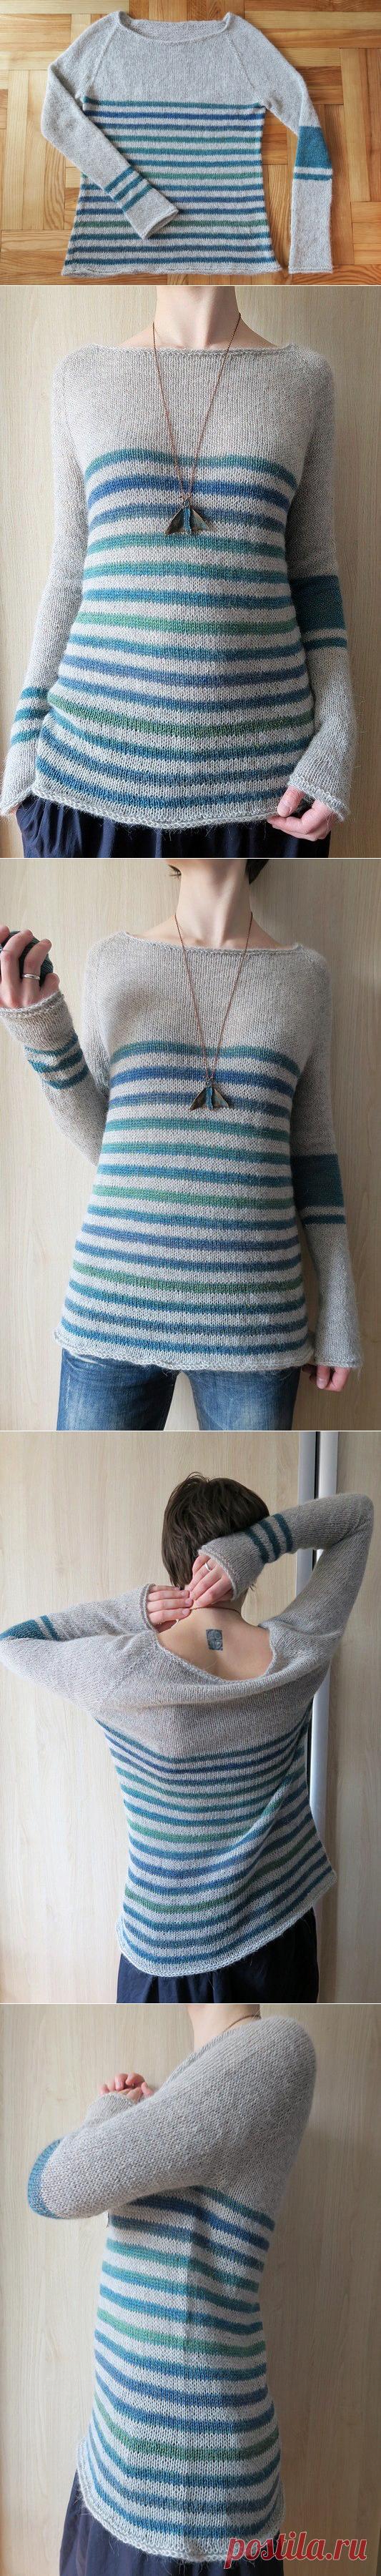 Next polosatik: ru_knitting